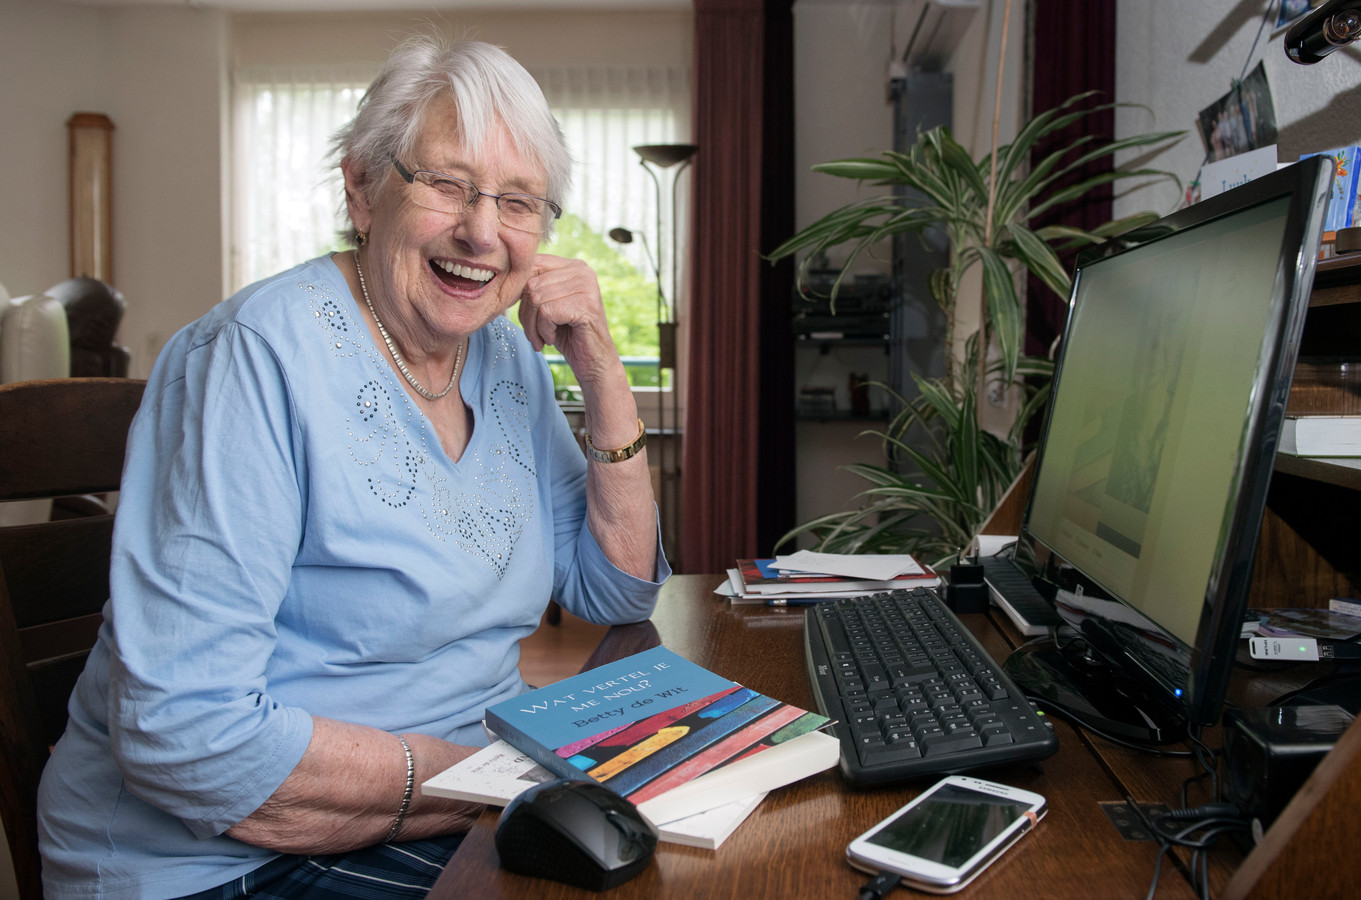 Voor Betty de Wit heeft de computer geen geheimen. Een heks in haar boek maakt er zelfs gebruik van.